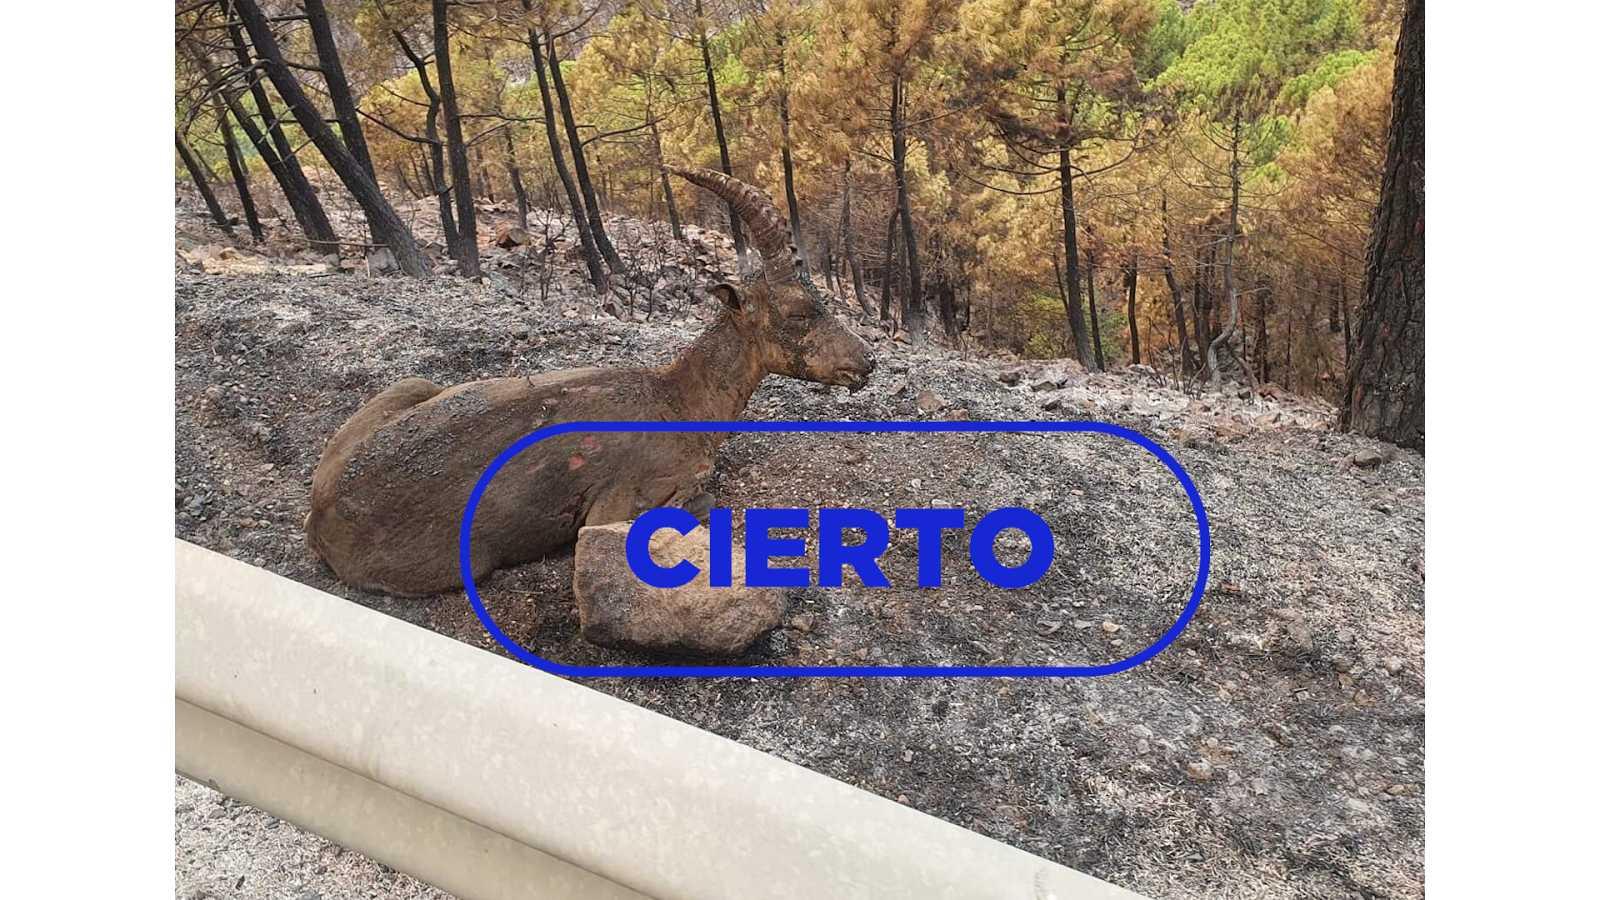 Imagen de la cabra quemada en el incendio de Sierra Bermeja publicada en Twitter por el usuario GA Francisco